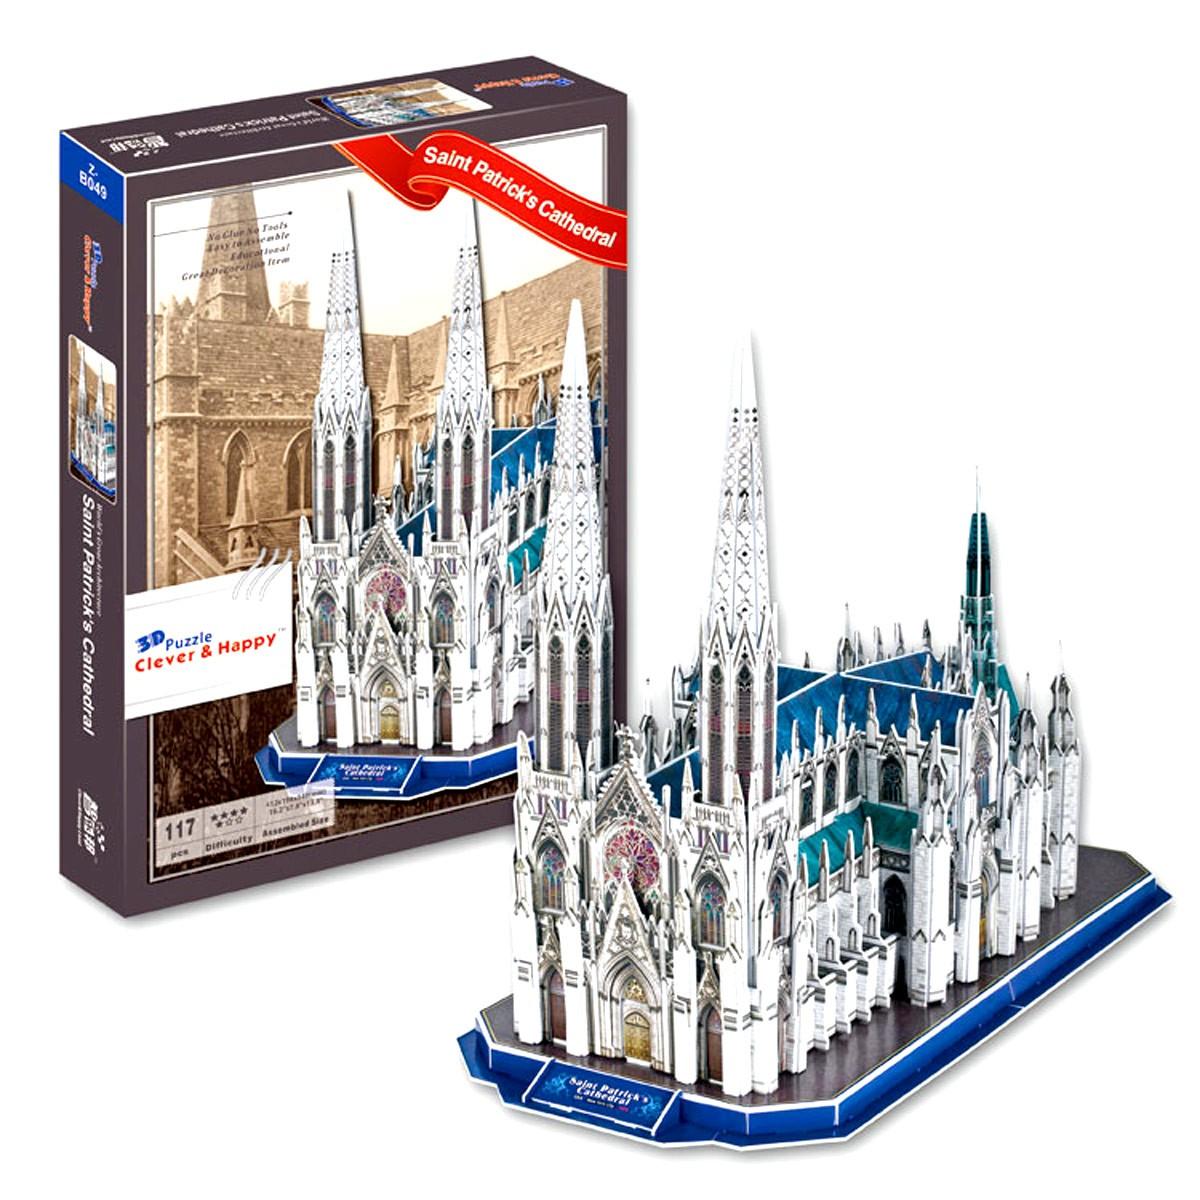 St. Patrick's Cathedral 3D Puzzle (117 pcs)